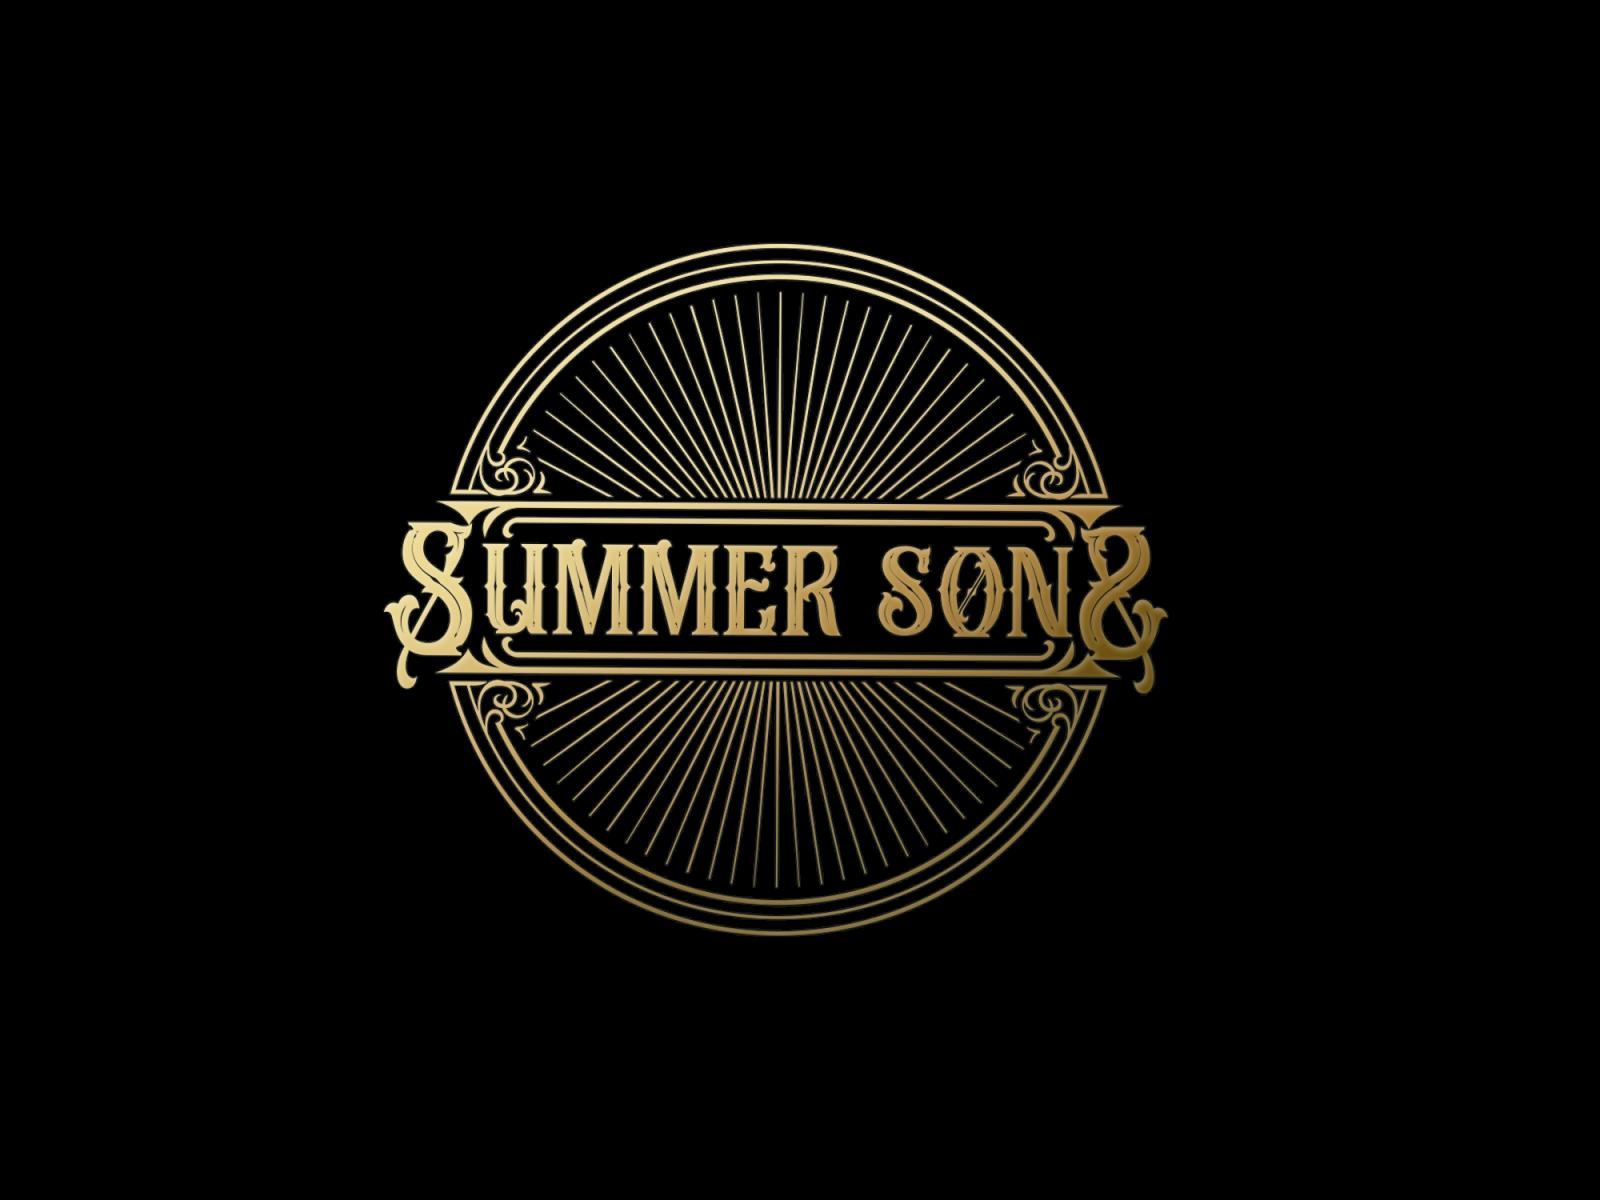 summer sons logo